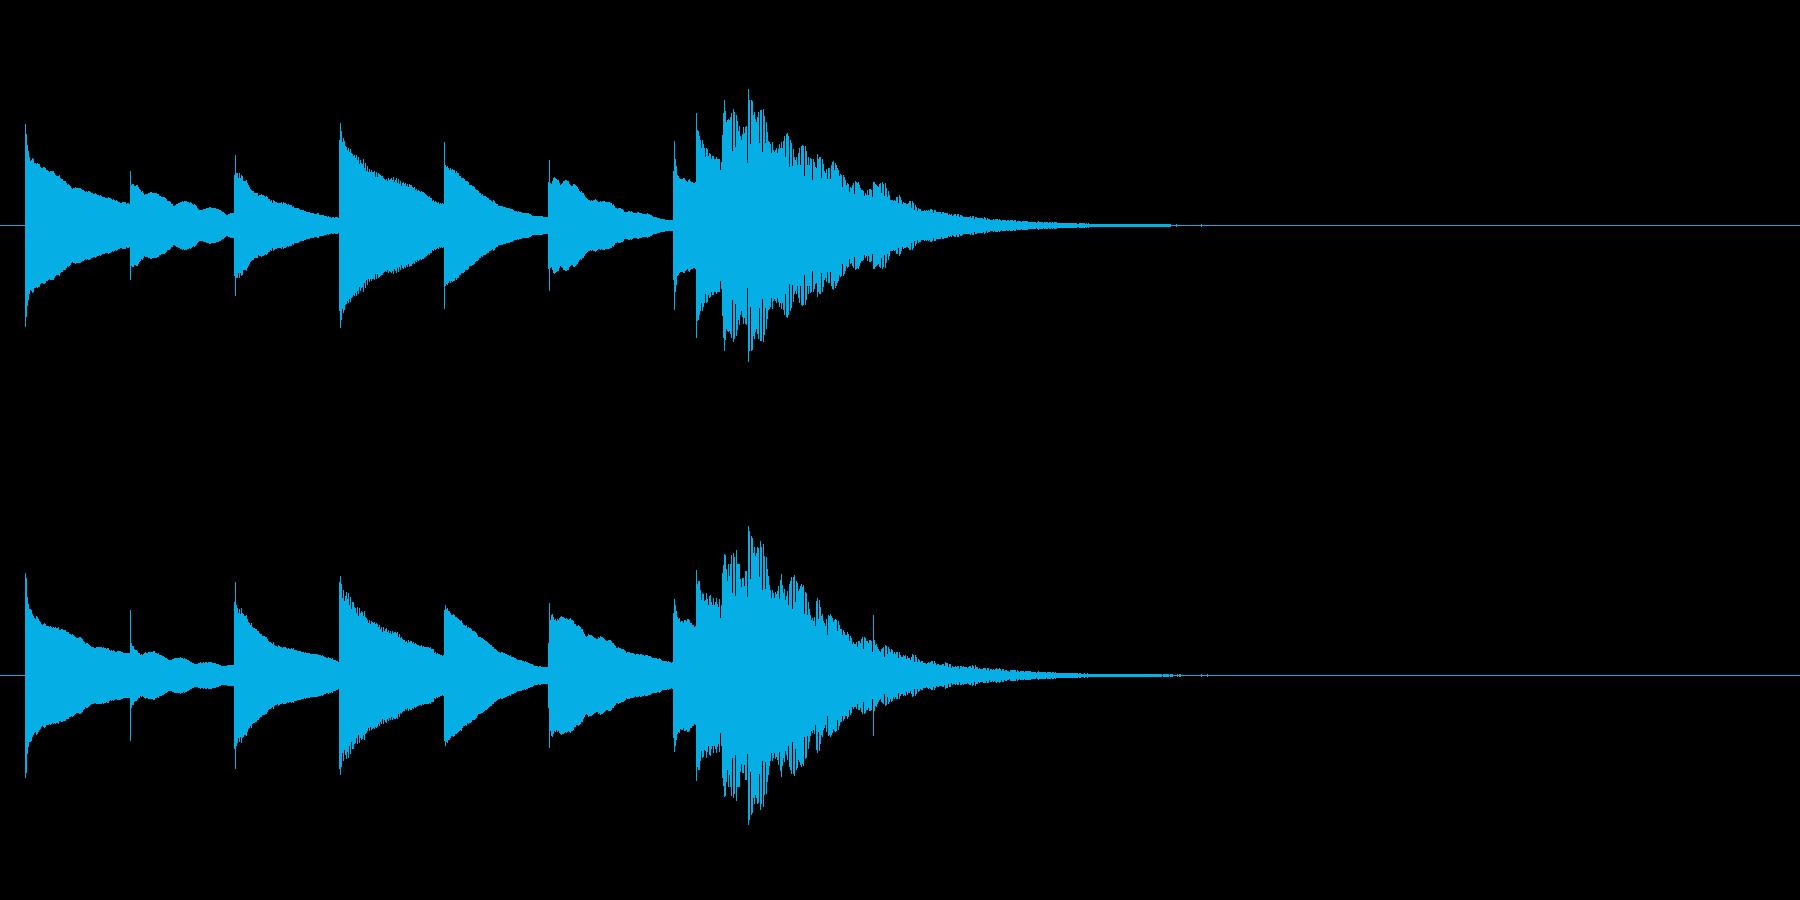 ほのぼのオルゴールジングル・長調の再生済みの波形